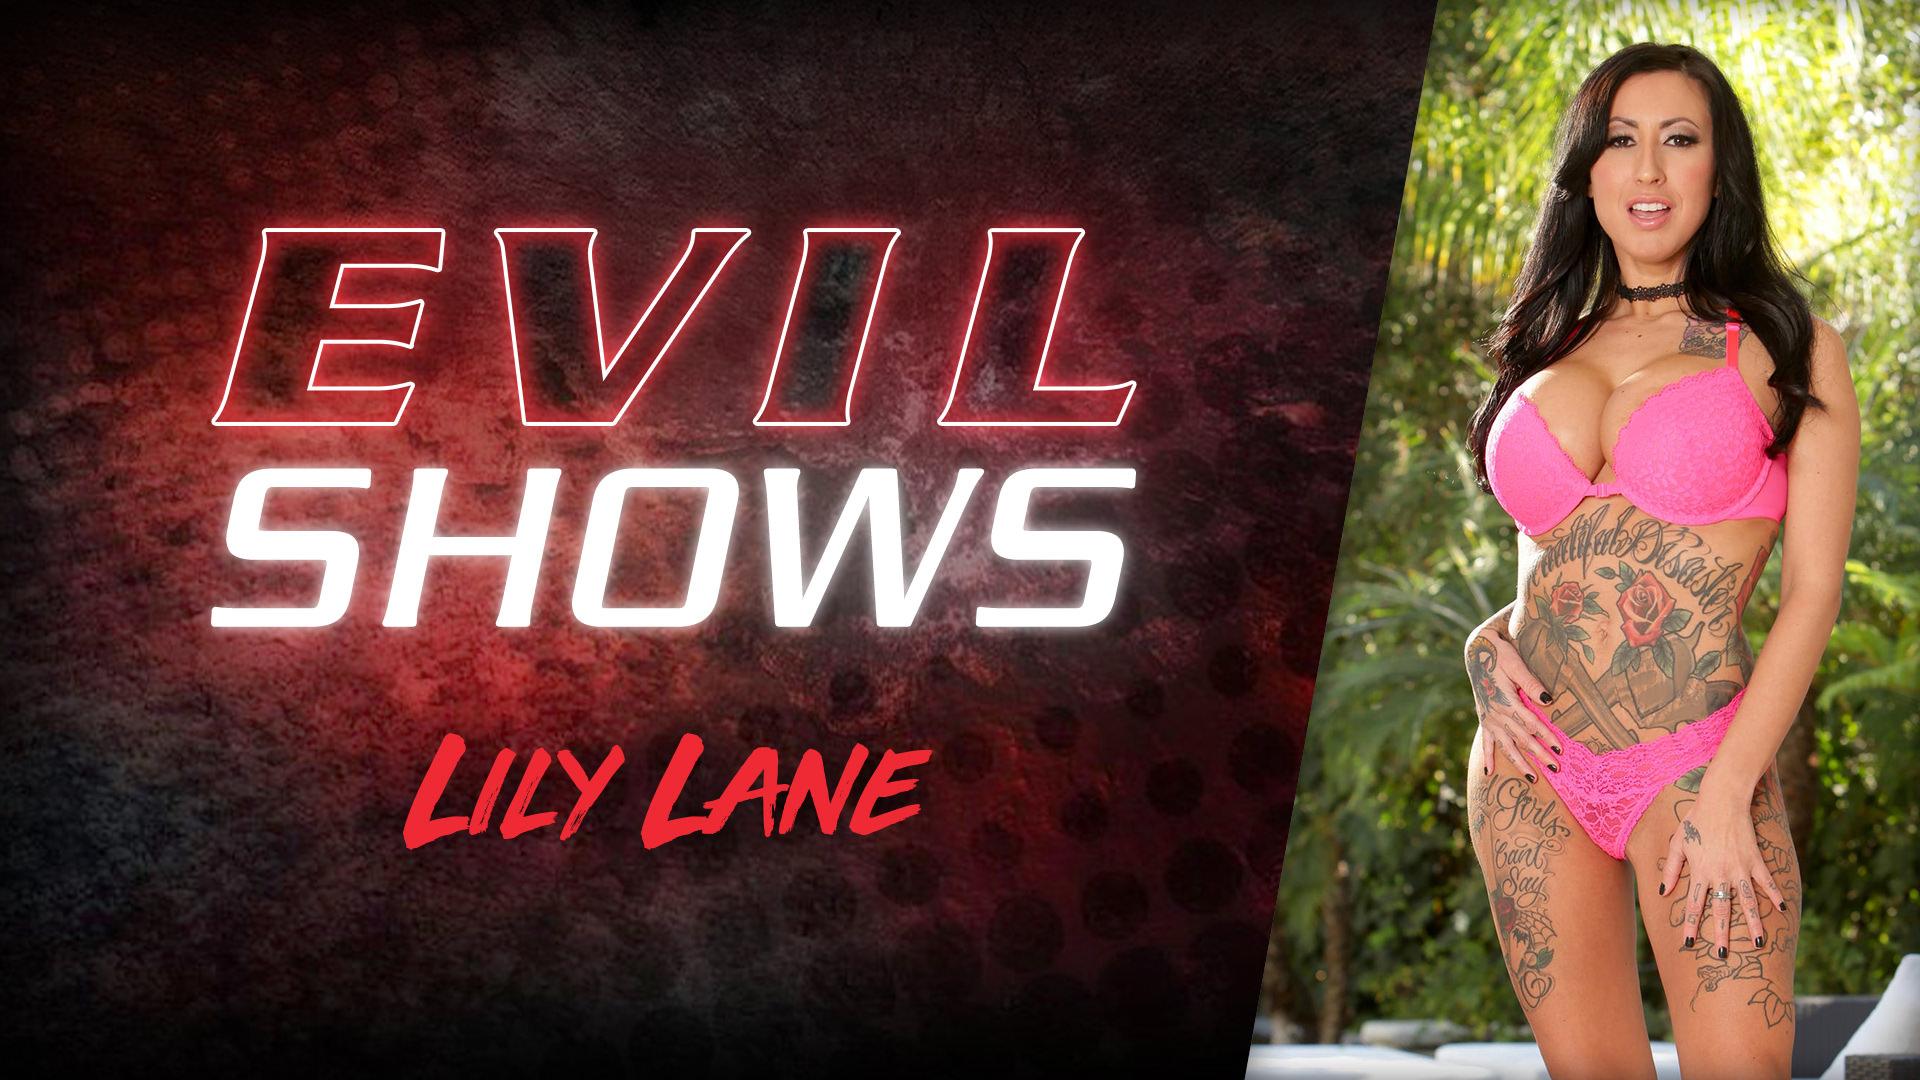 Evil Shows - Lily Lane - Lily Lane 1